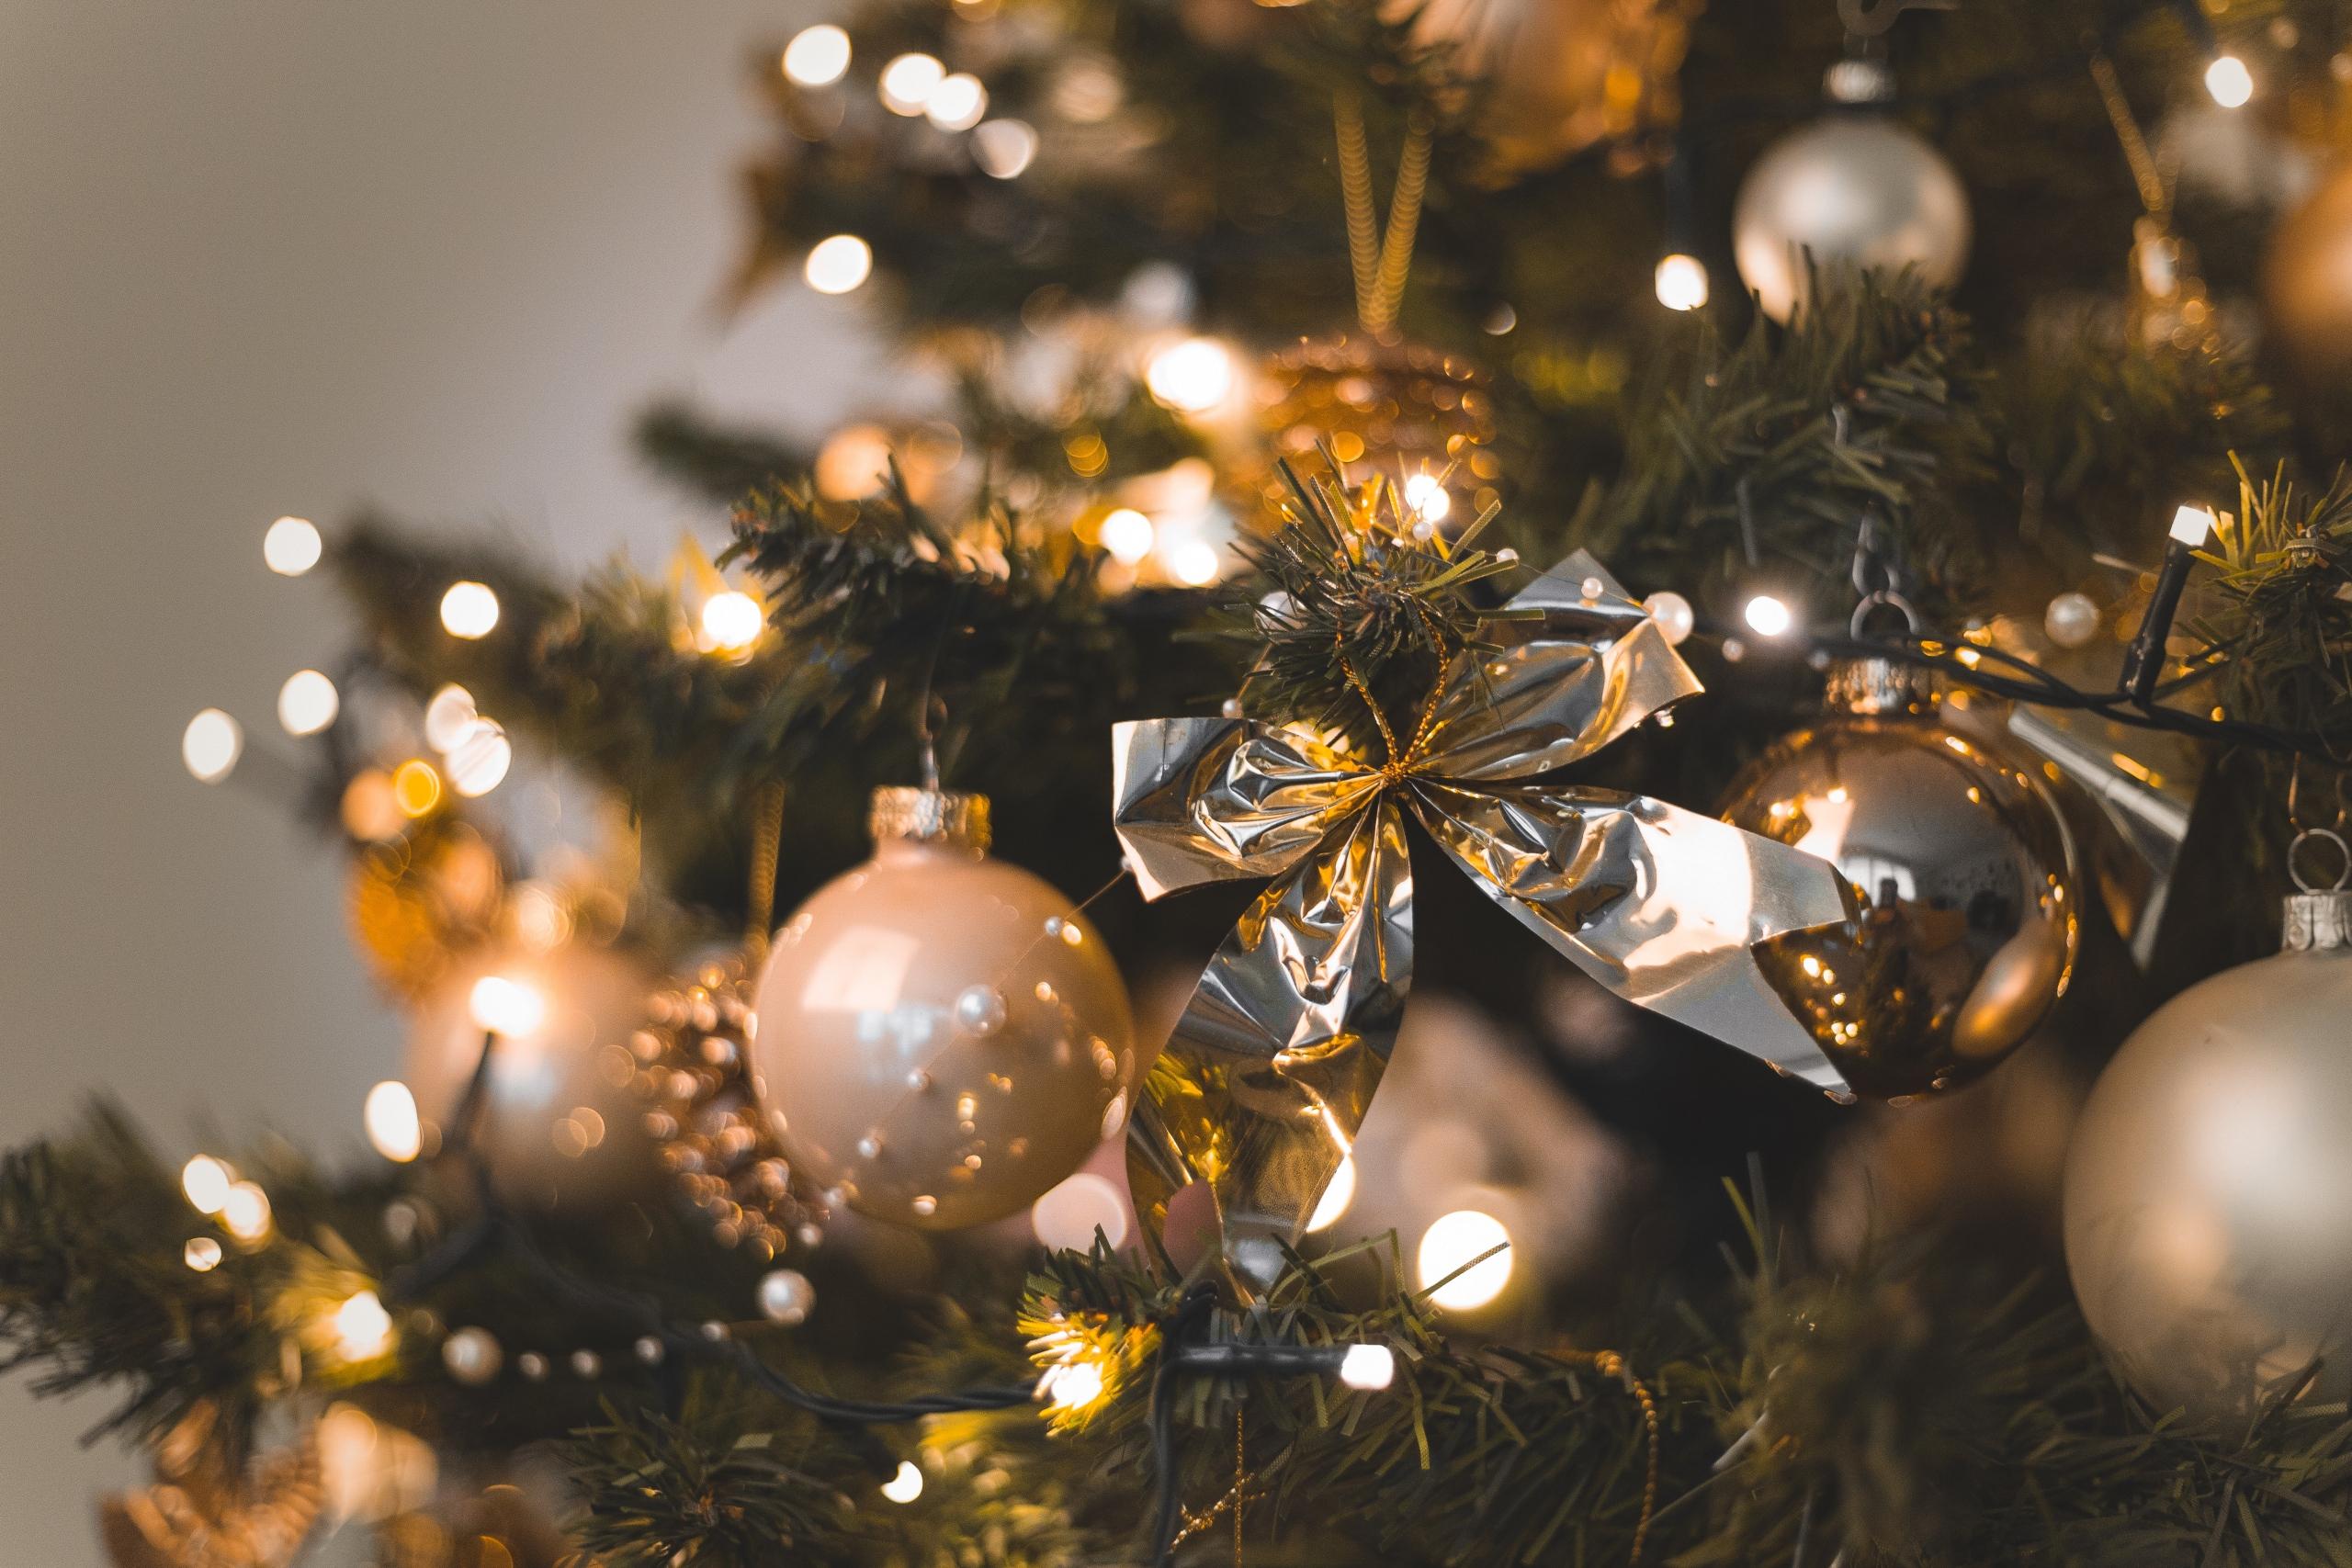 クリスマスにしたい、されたいプロポーズは?のイメージ